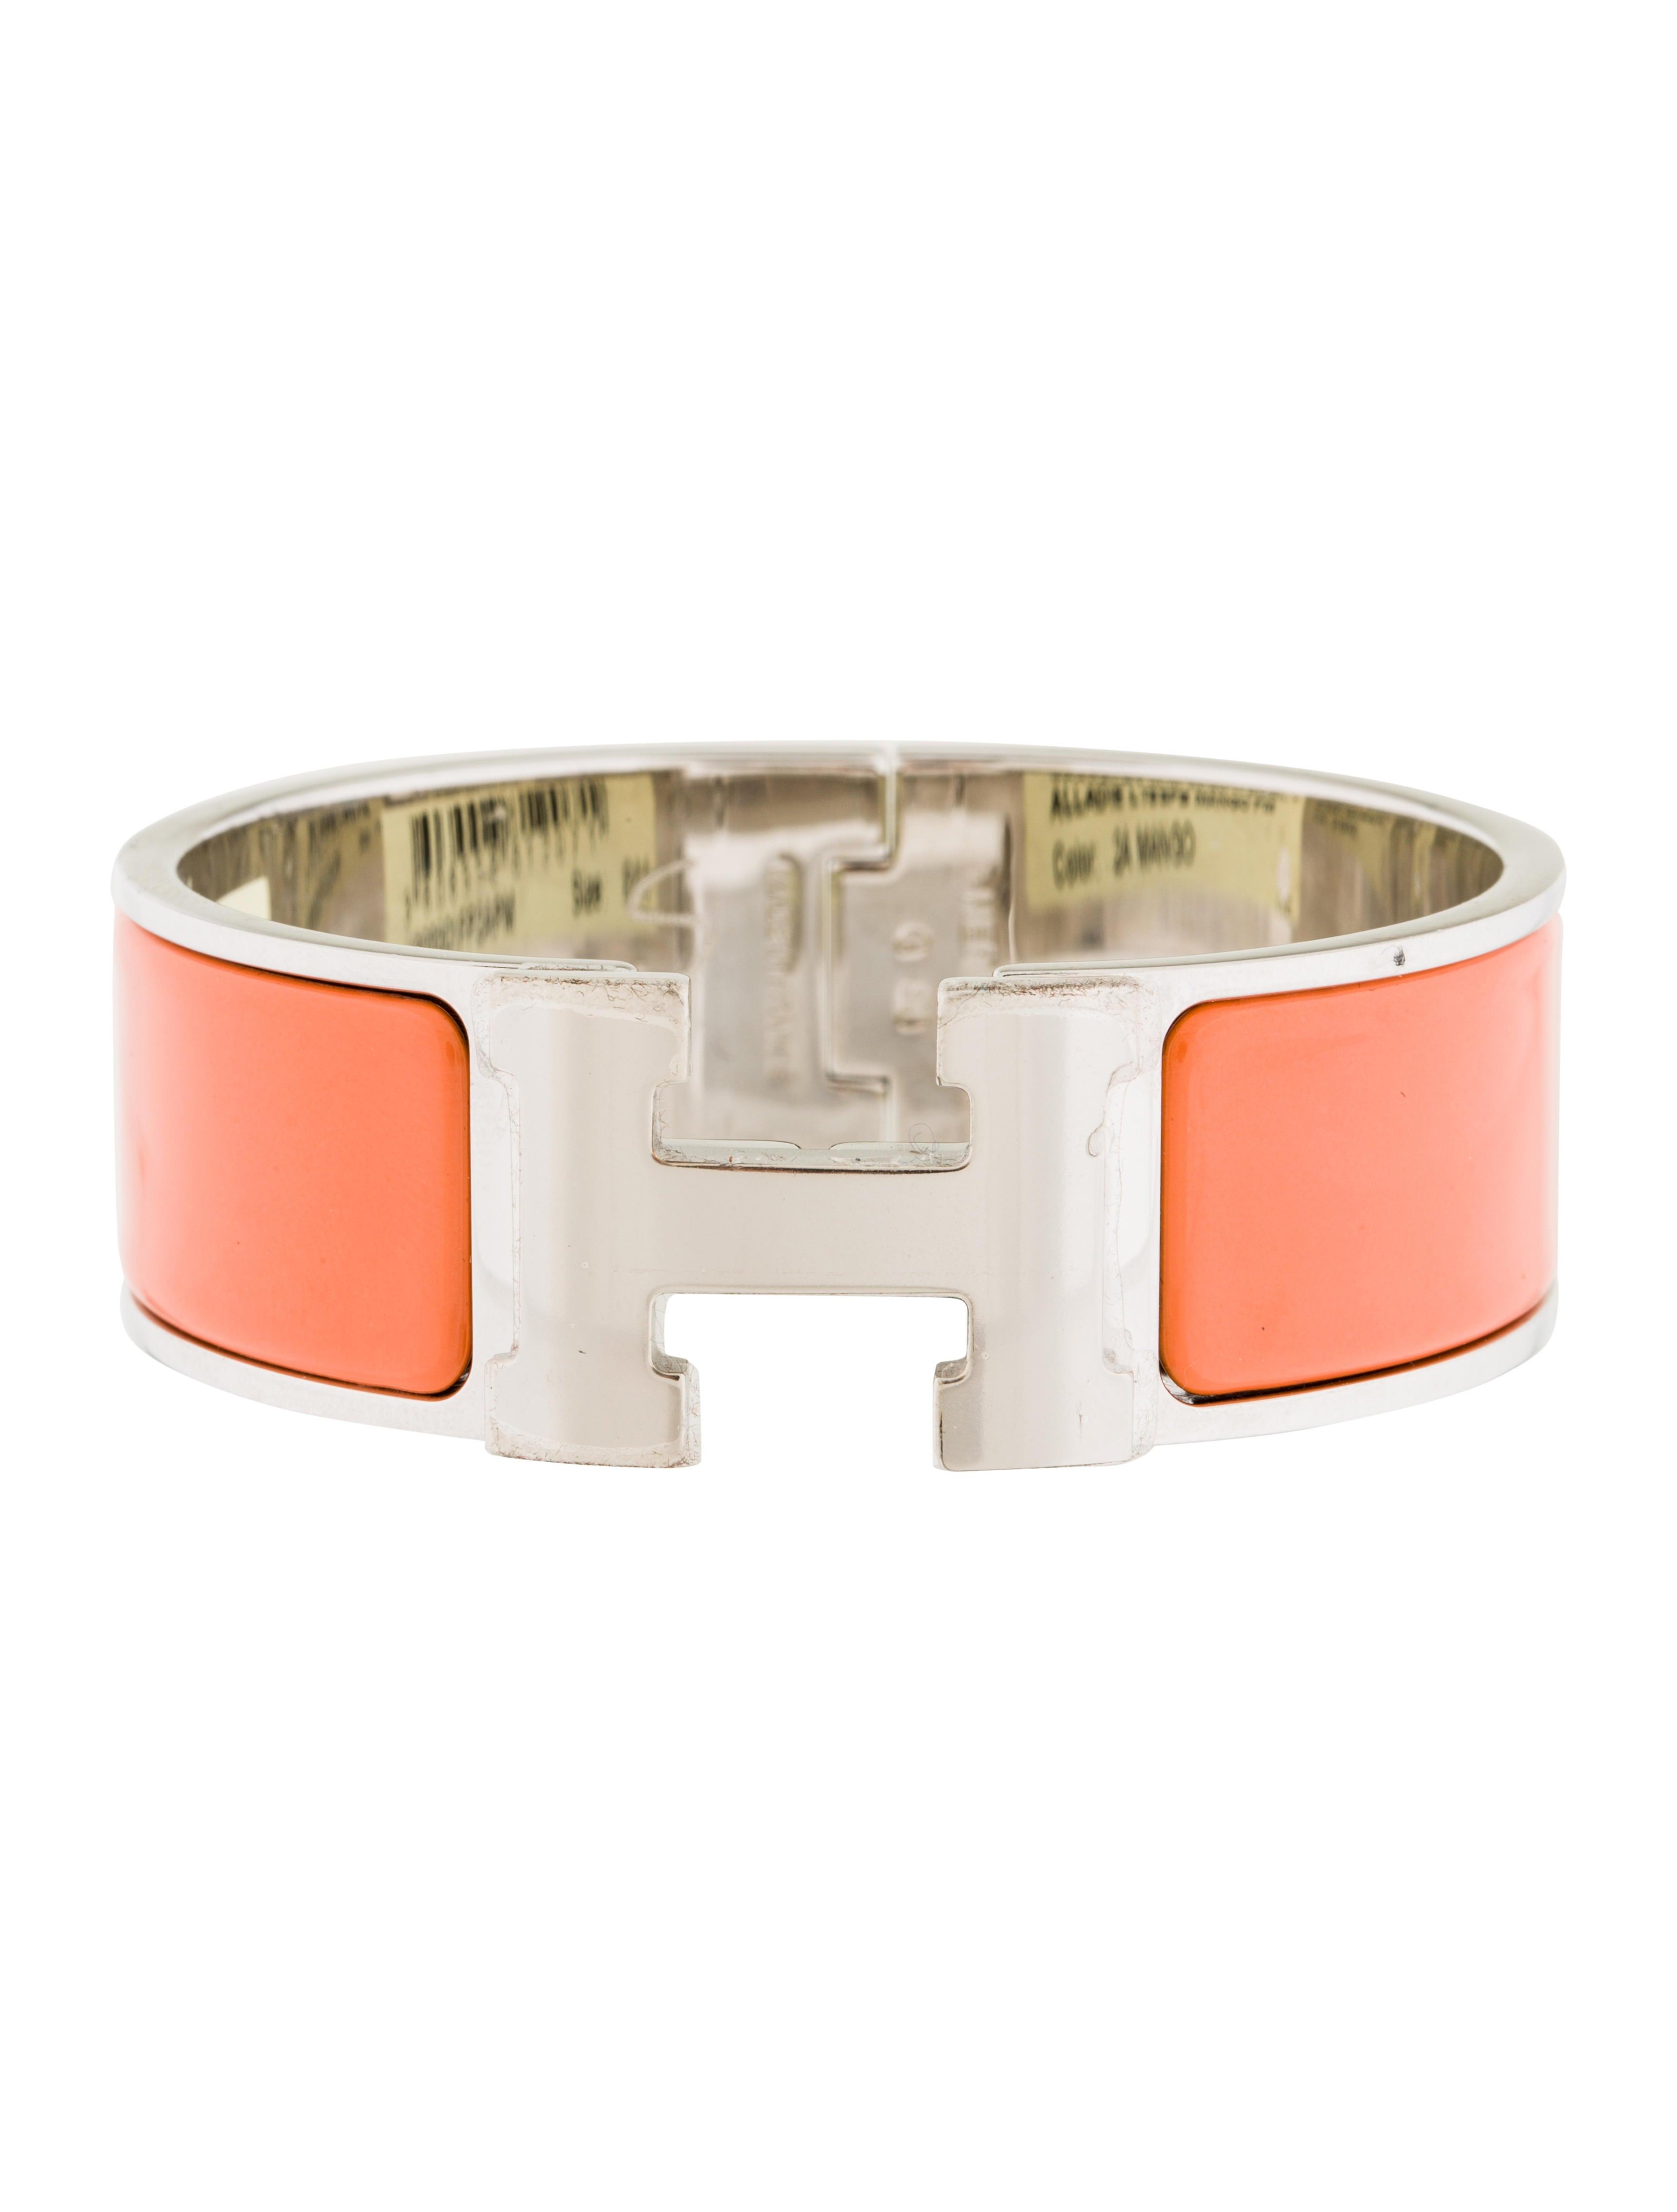 herm s wide clic clac h bracelet bracelets her94445. Black Bedroom Furniture Sets. Home Design Ideas